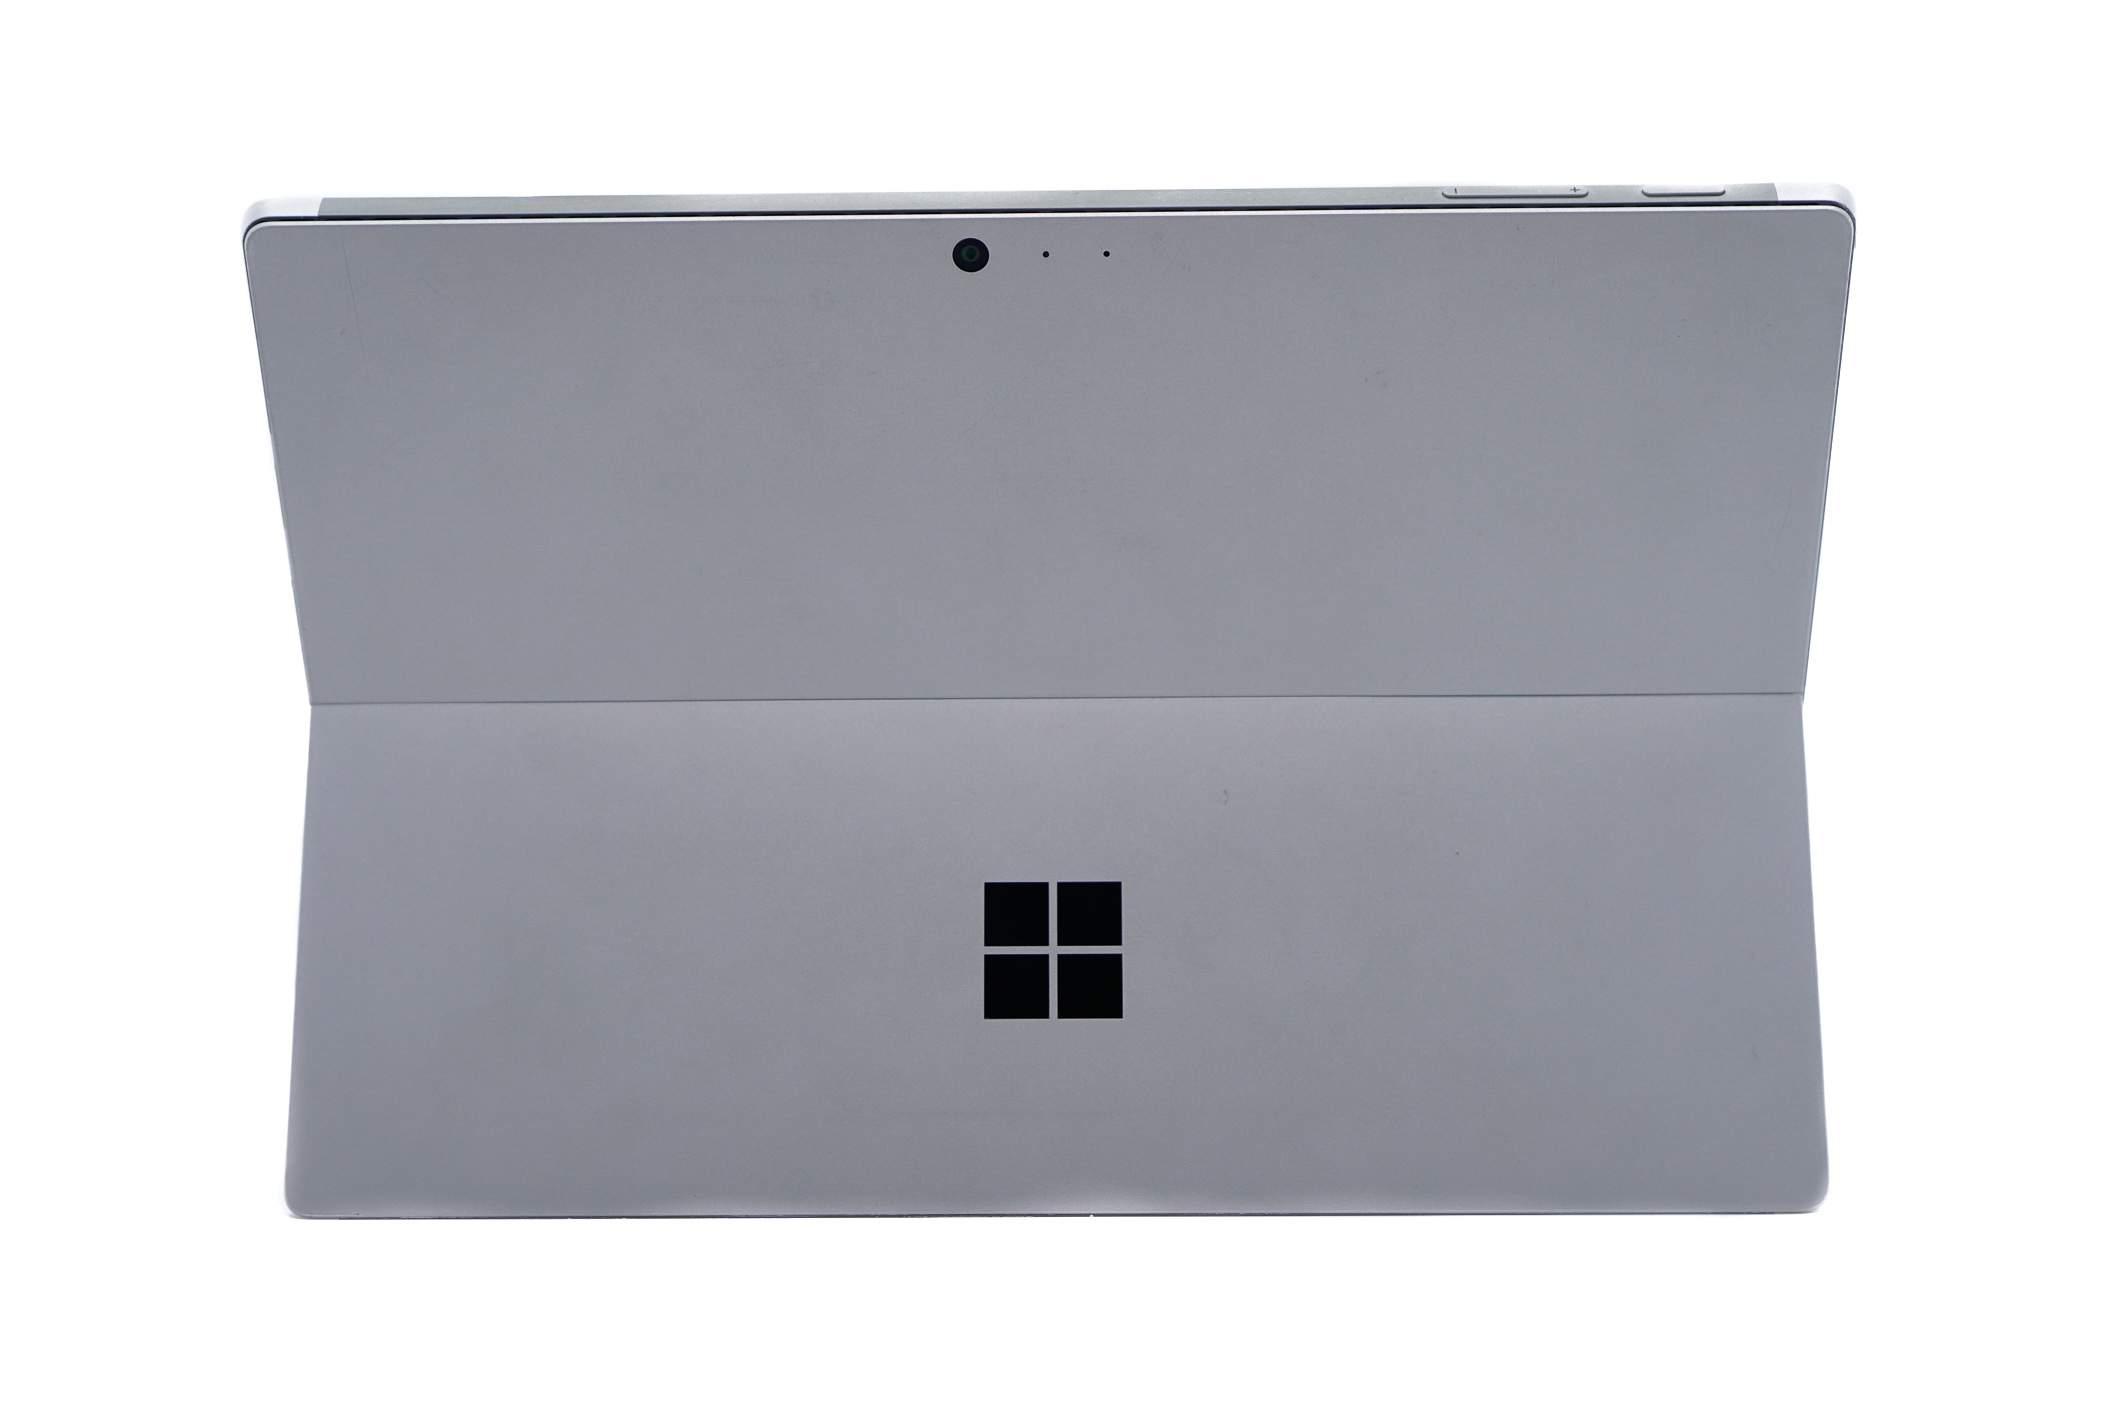 9db78e667e8 Microsoft Surface Pro - Intel Core m3 Processor, 128GB SSD, 4GB RAM ...